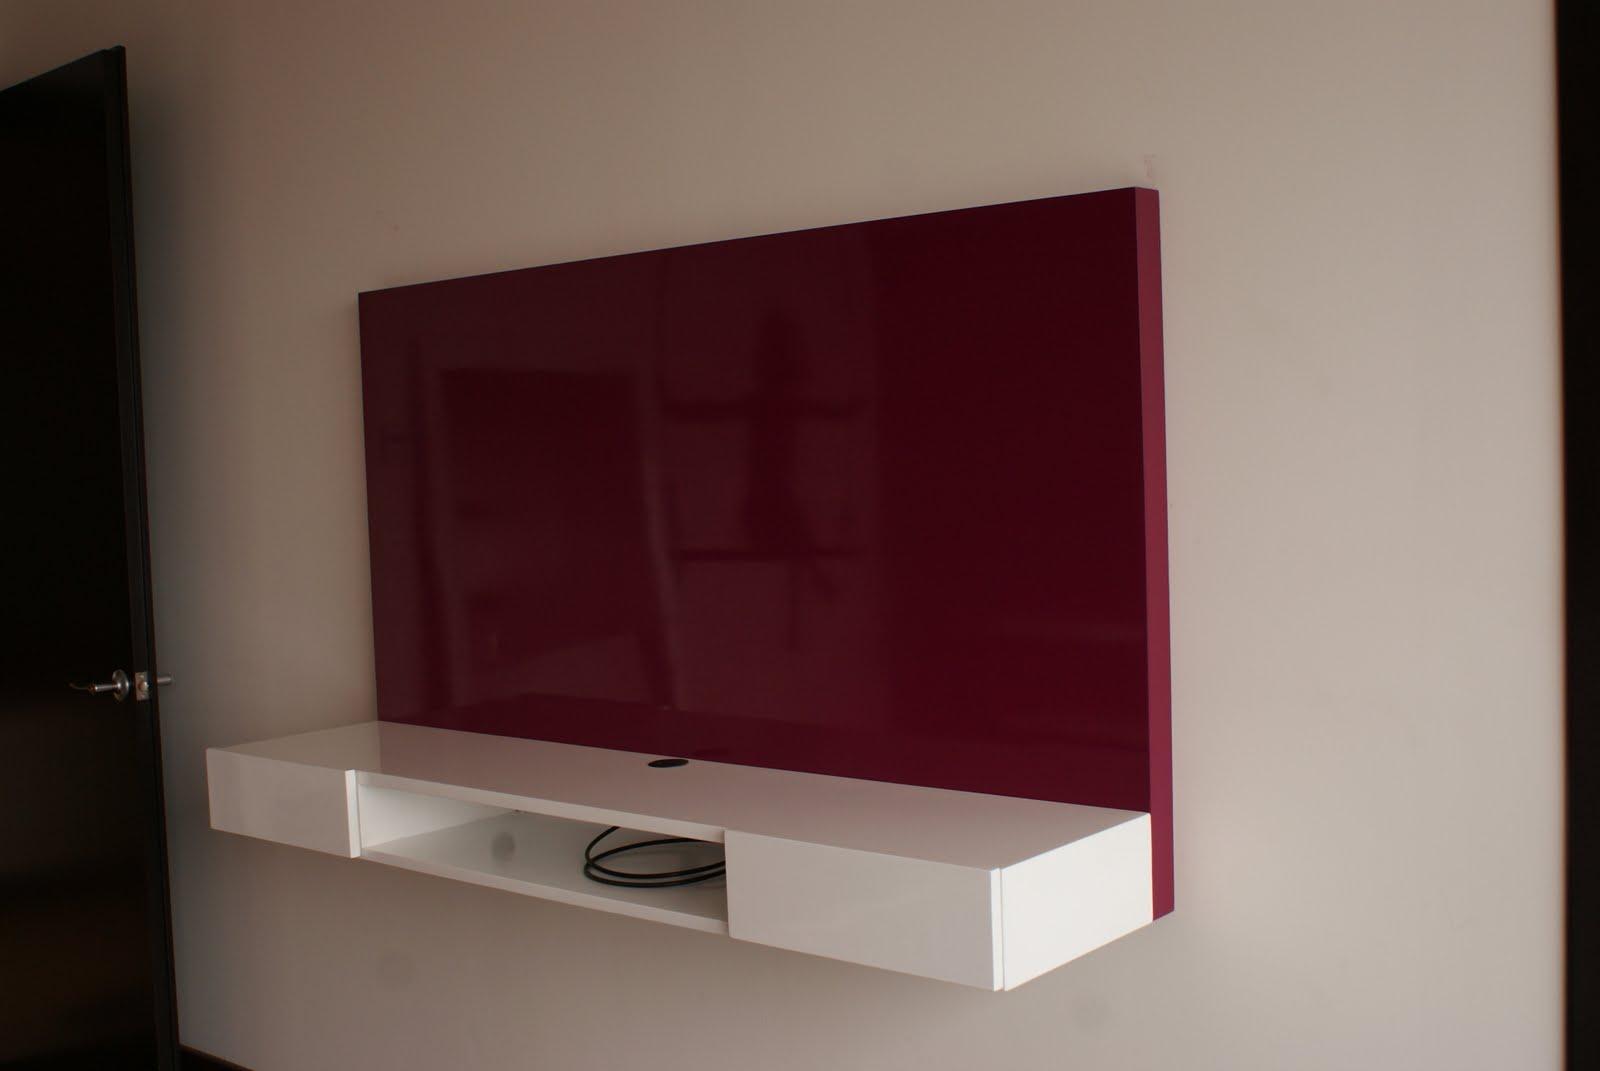 Muebles para colgar tv led - Muebles de television de diseno ...